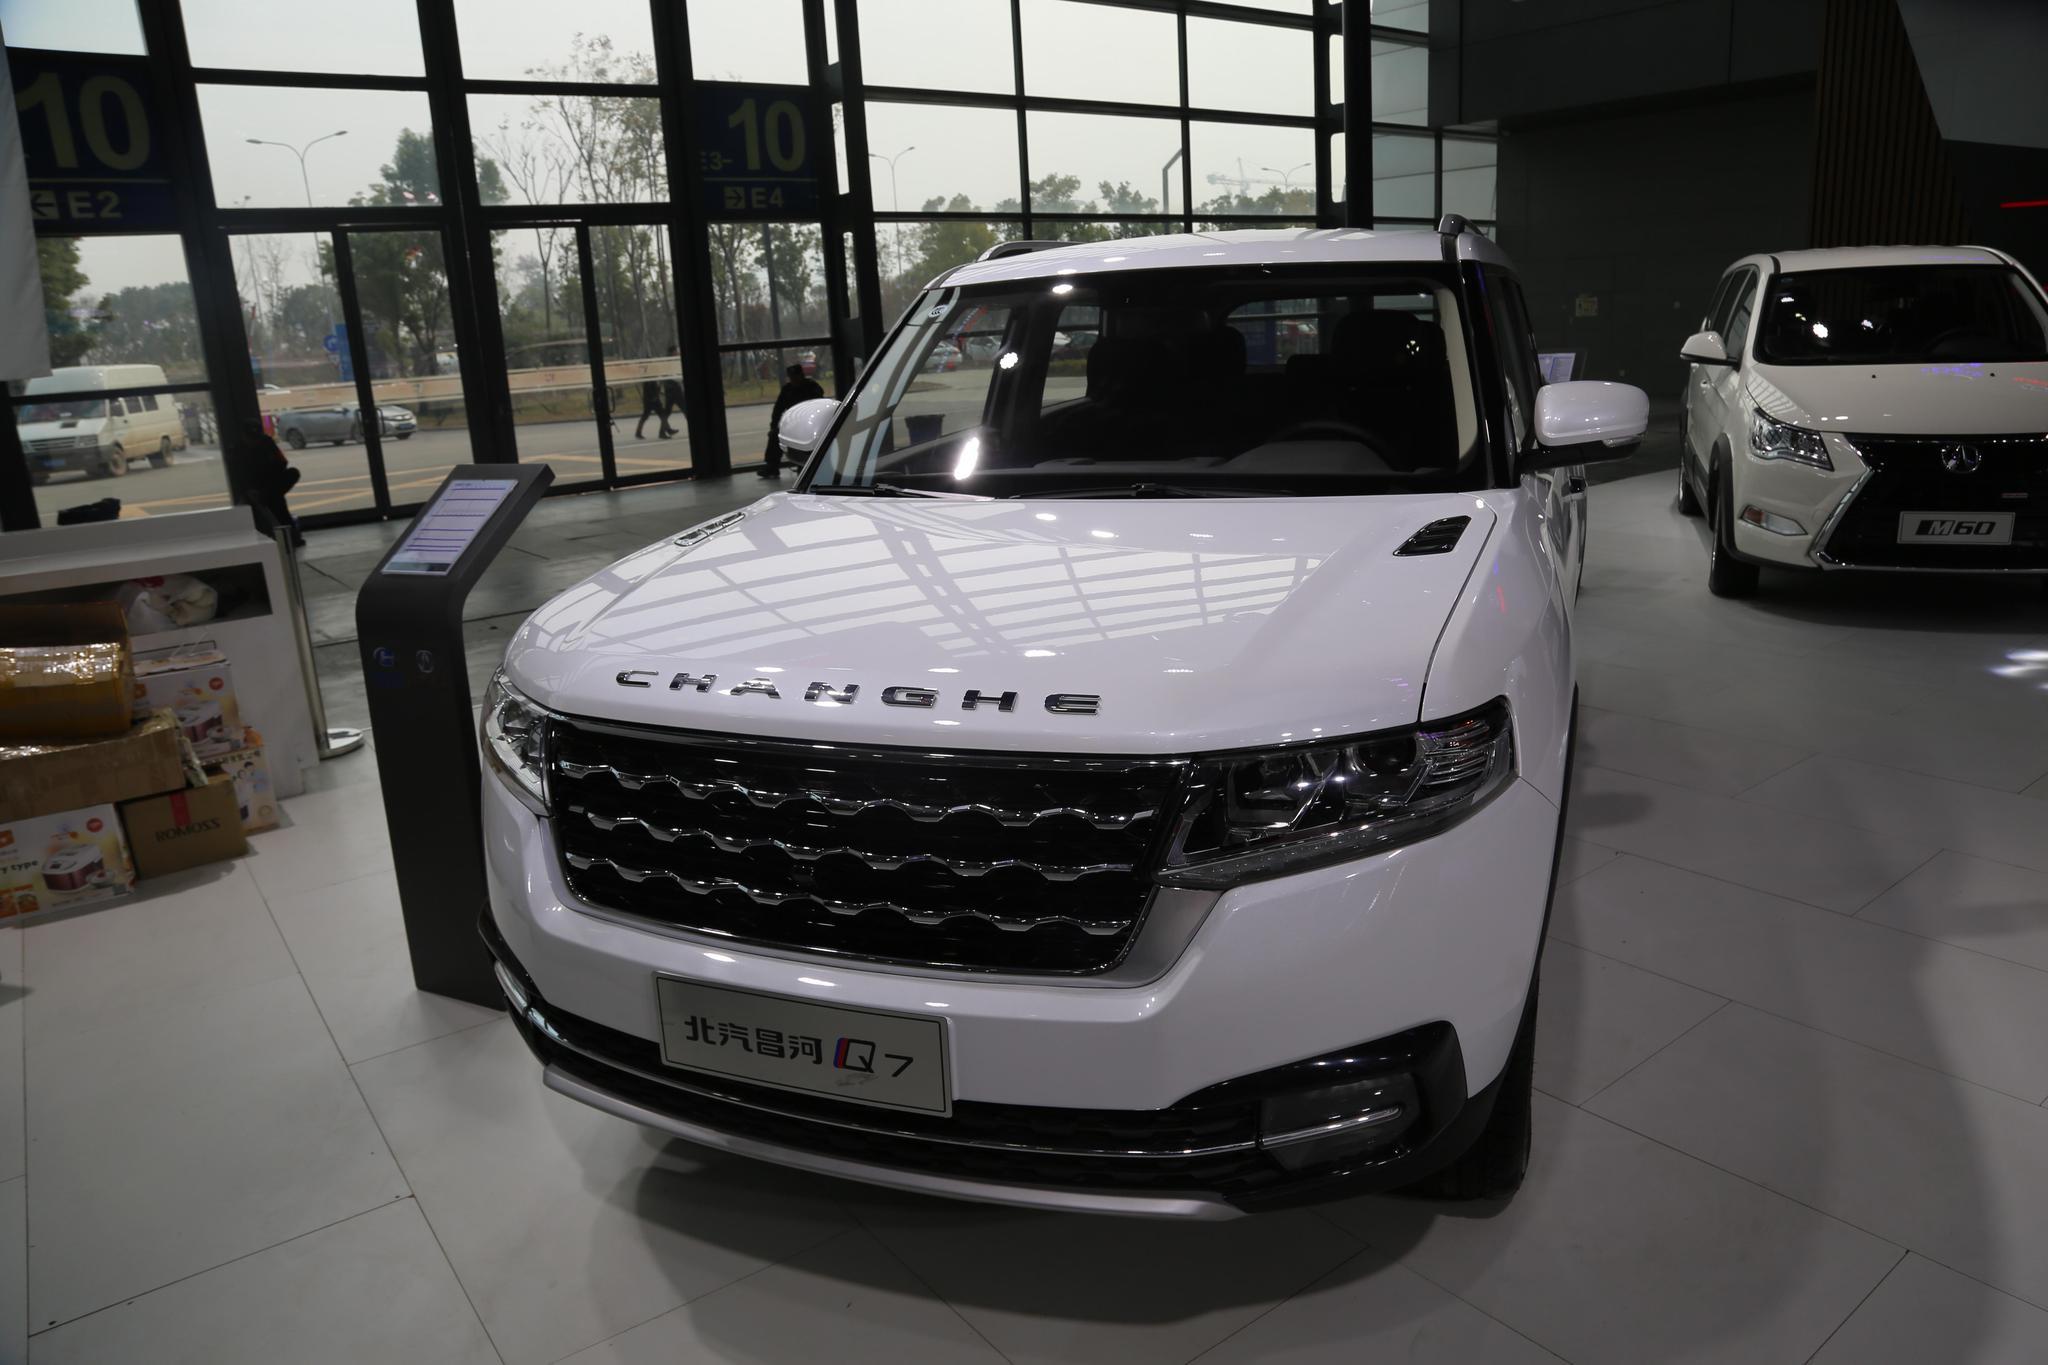 北汽昌河Q7,10万级别智能空间SUV,芒果长沙车展实拍!